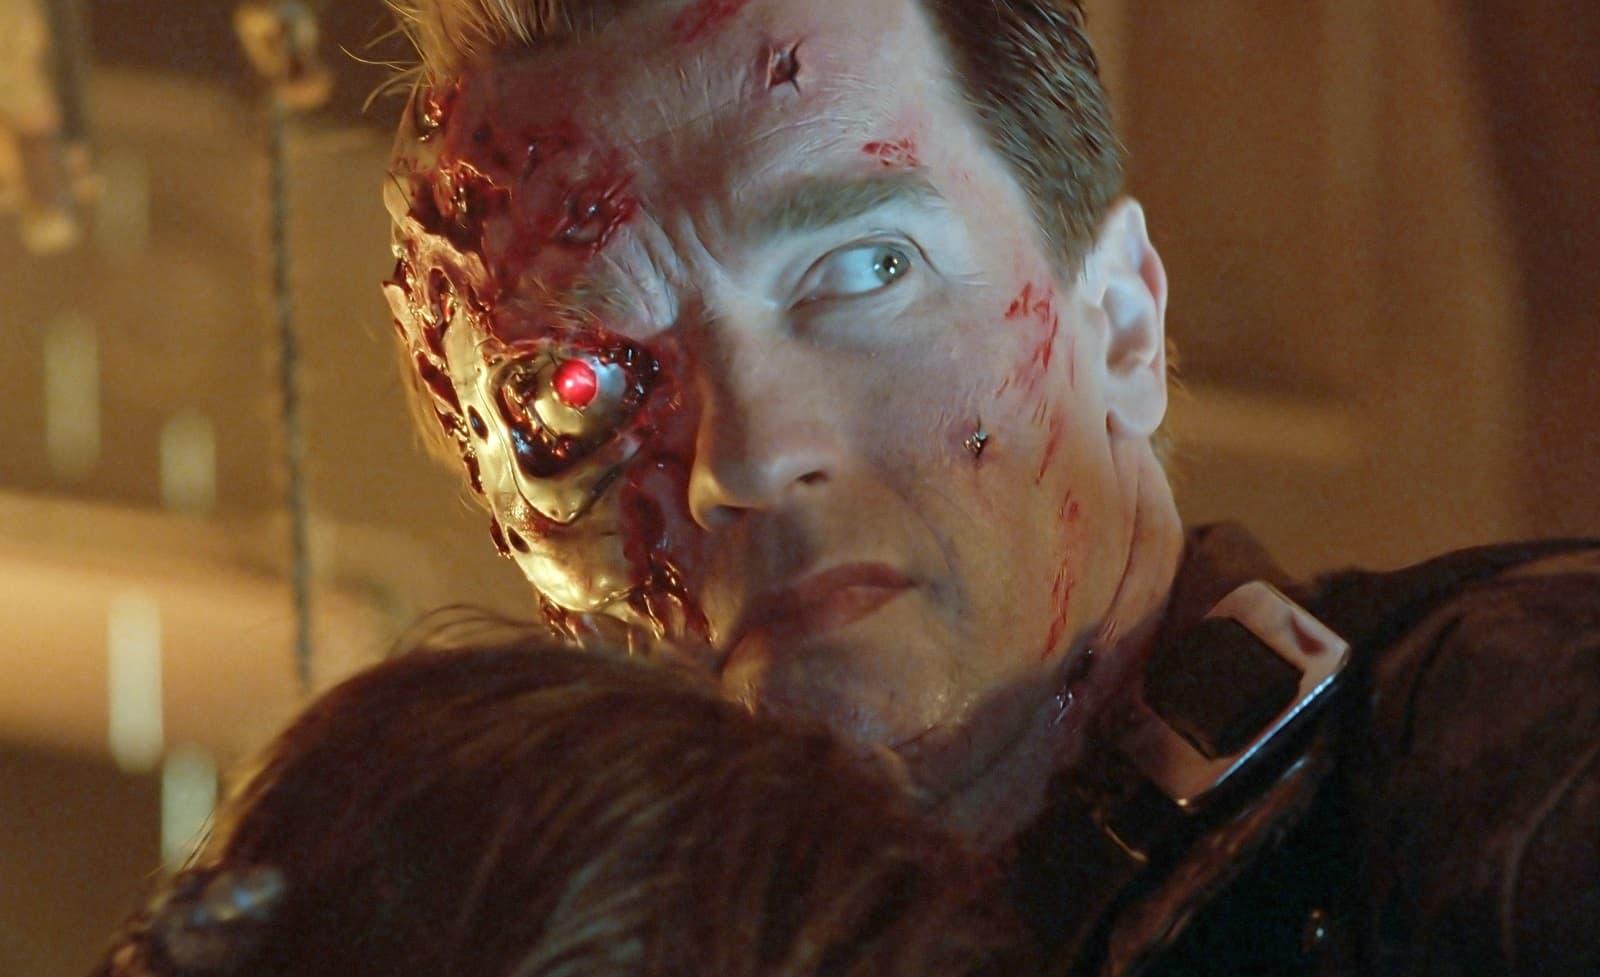 Терминатор 2, Терминатор 2 Судный день, Терминатор 2 Судный день в 3D, фантастика, боевик, рецензия, обзор, Terminator 2, Terminator 2 Judgment Day, Terminator 2 Judgment Day 3D, SciFi, Review